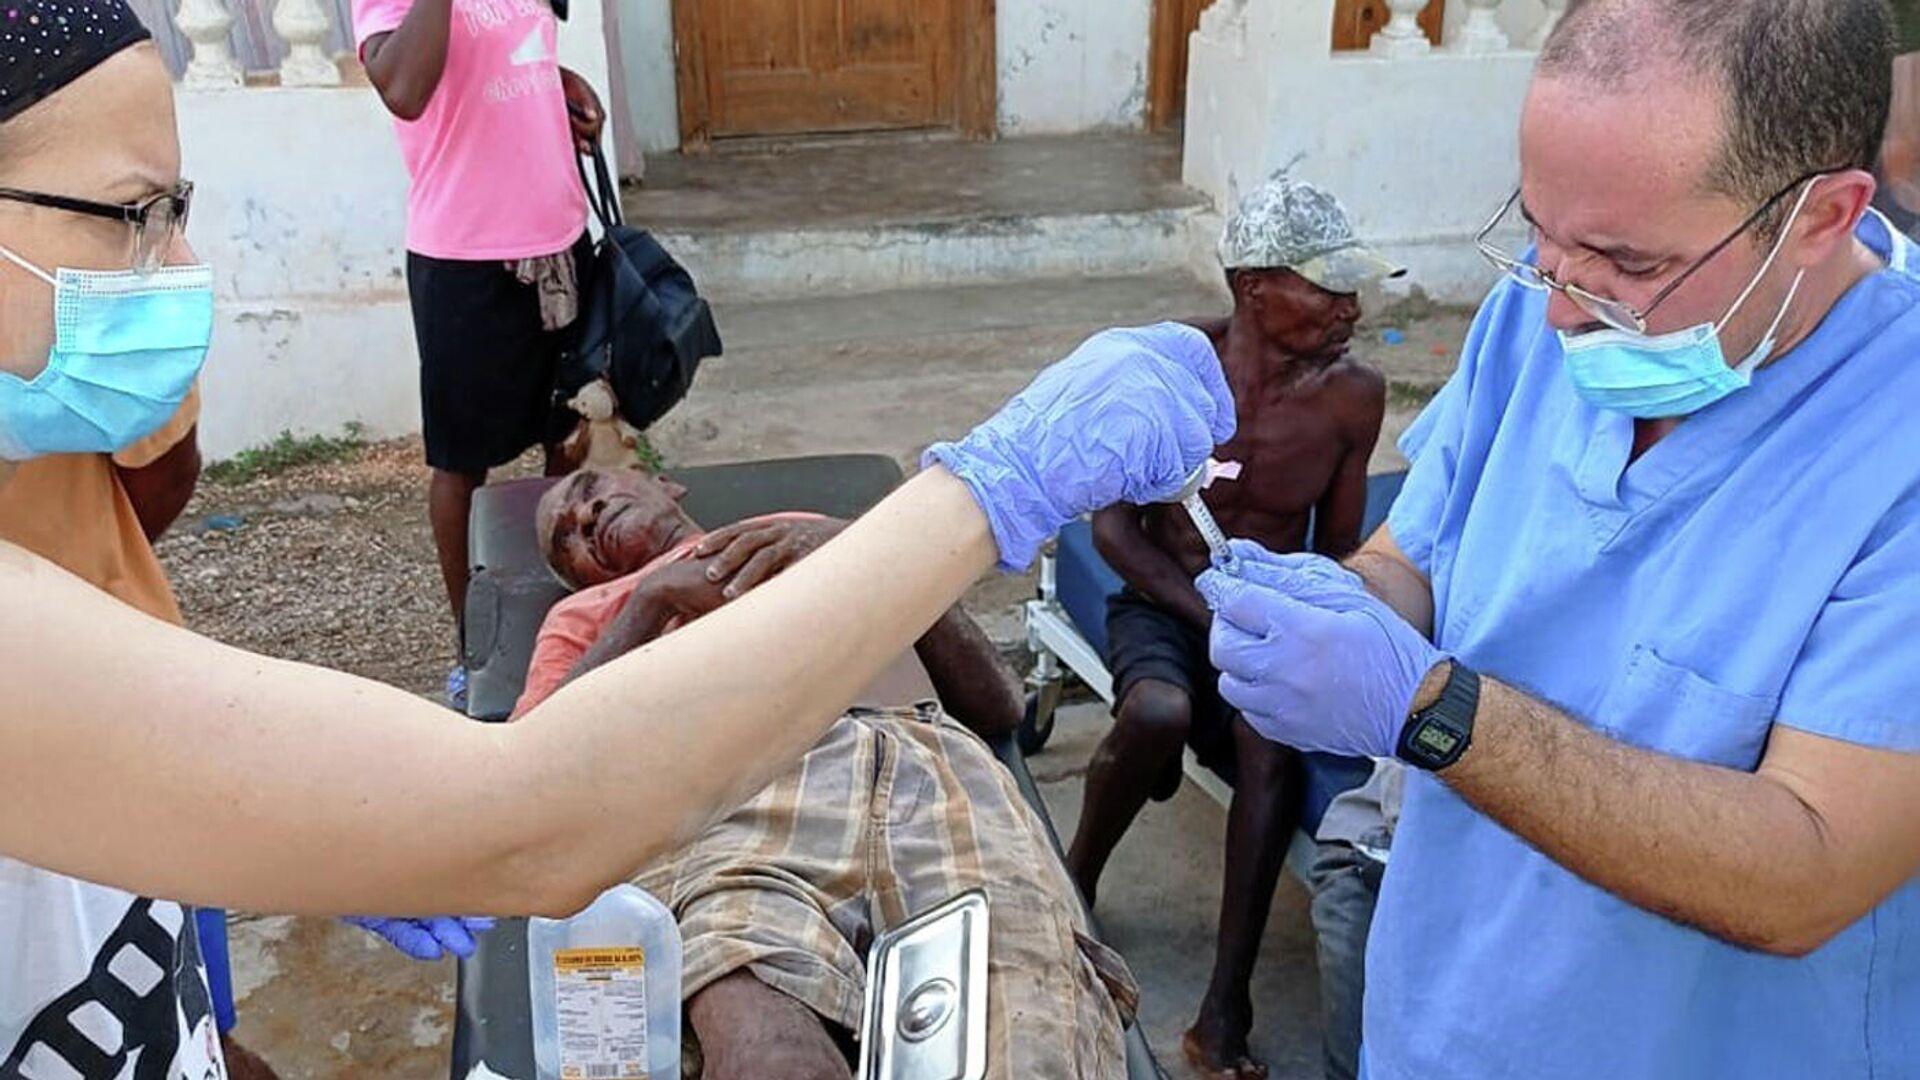 Brigada médica cubana en Haití brinda atención de primeros auxilios a damnificados por terremoto - Sputnik Mundo, 1920, 22.08.2021